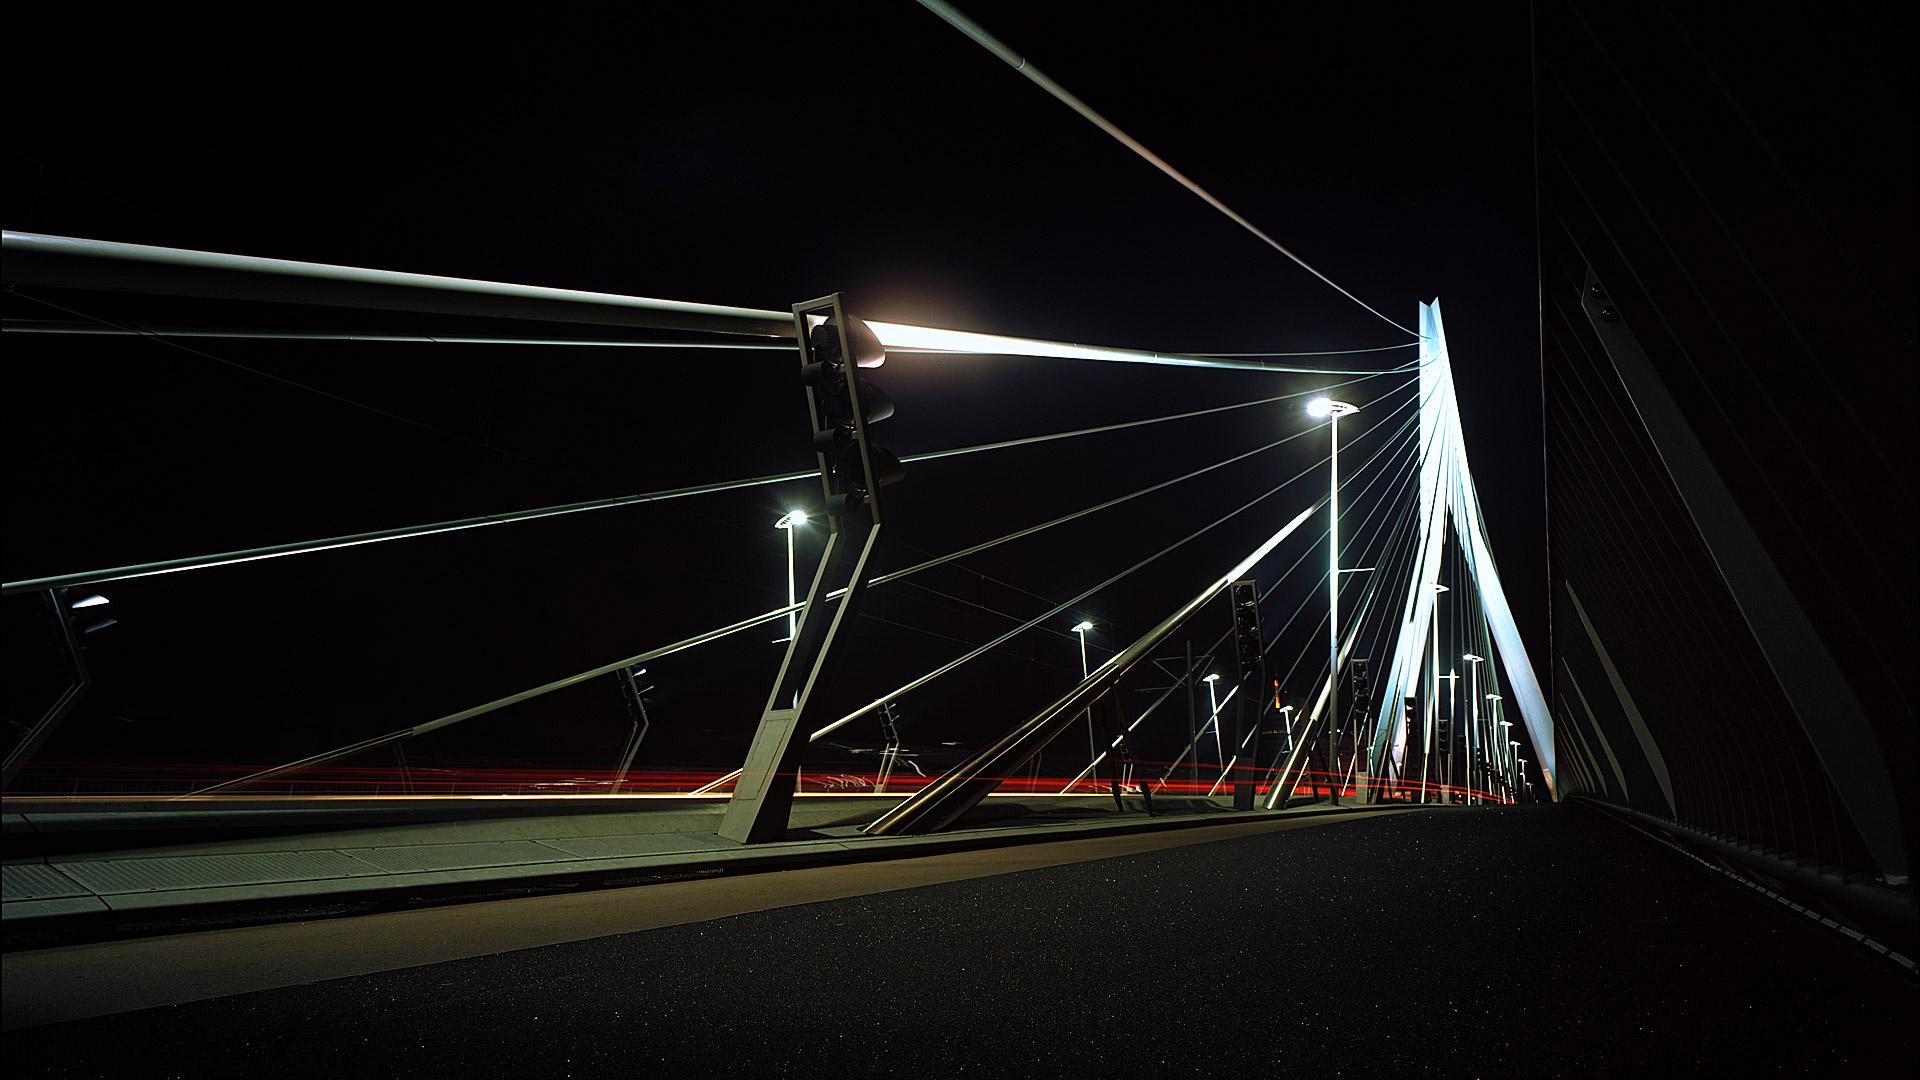 PDJPhoto, Peter de Jong, sluisweg 59, 2225 xj, Katwijk, 2000, Erasmusbridge, lines, lamps, streetlights, redlights